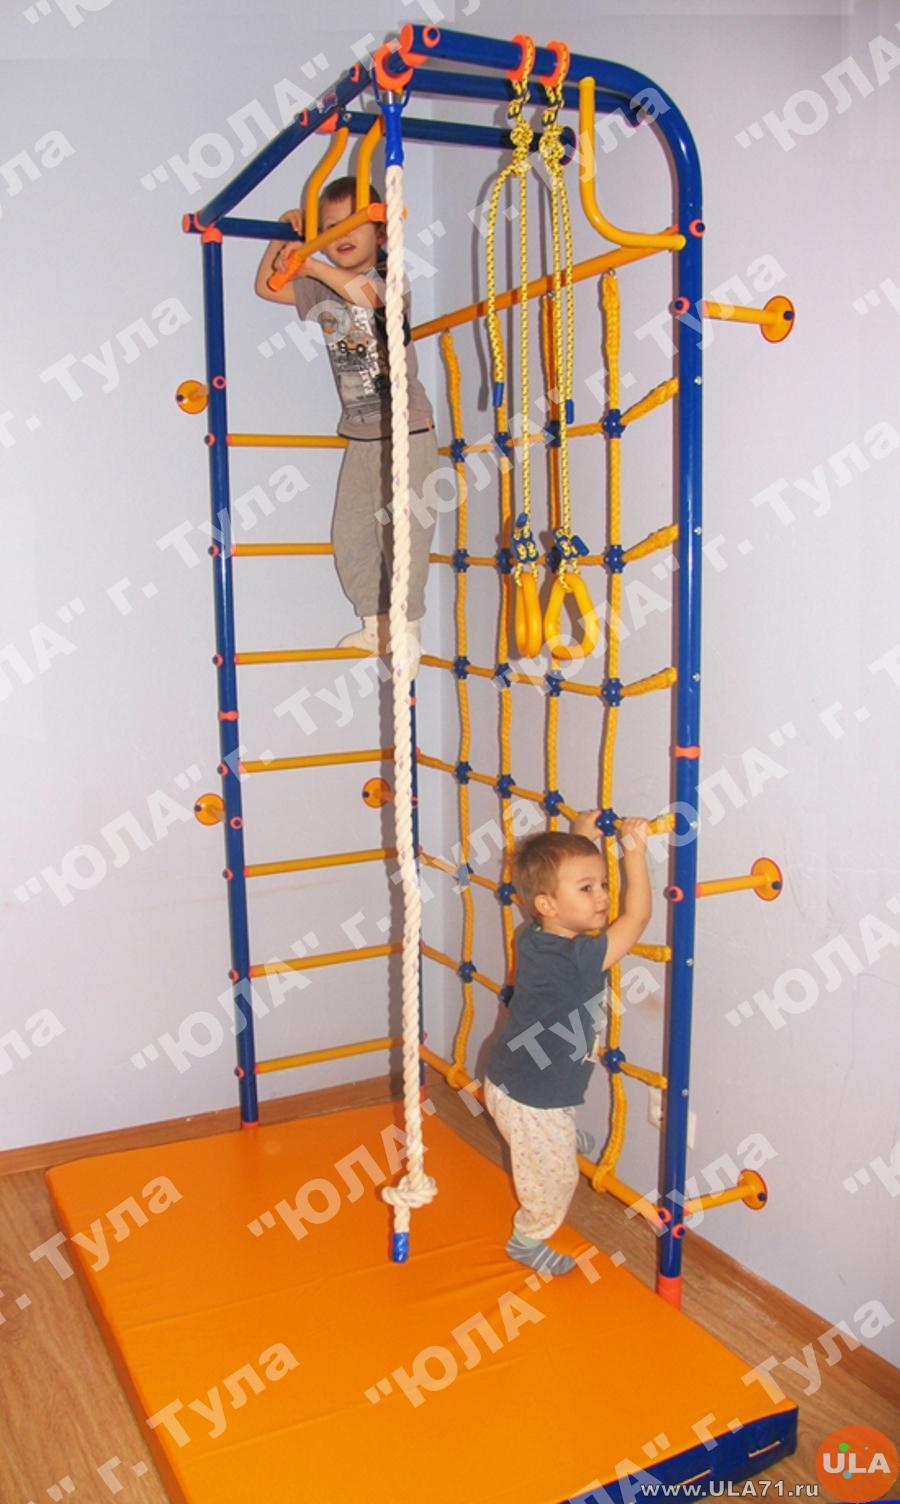 Шведская стенка для детей и взрослых в квартиру фото